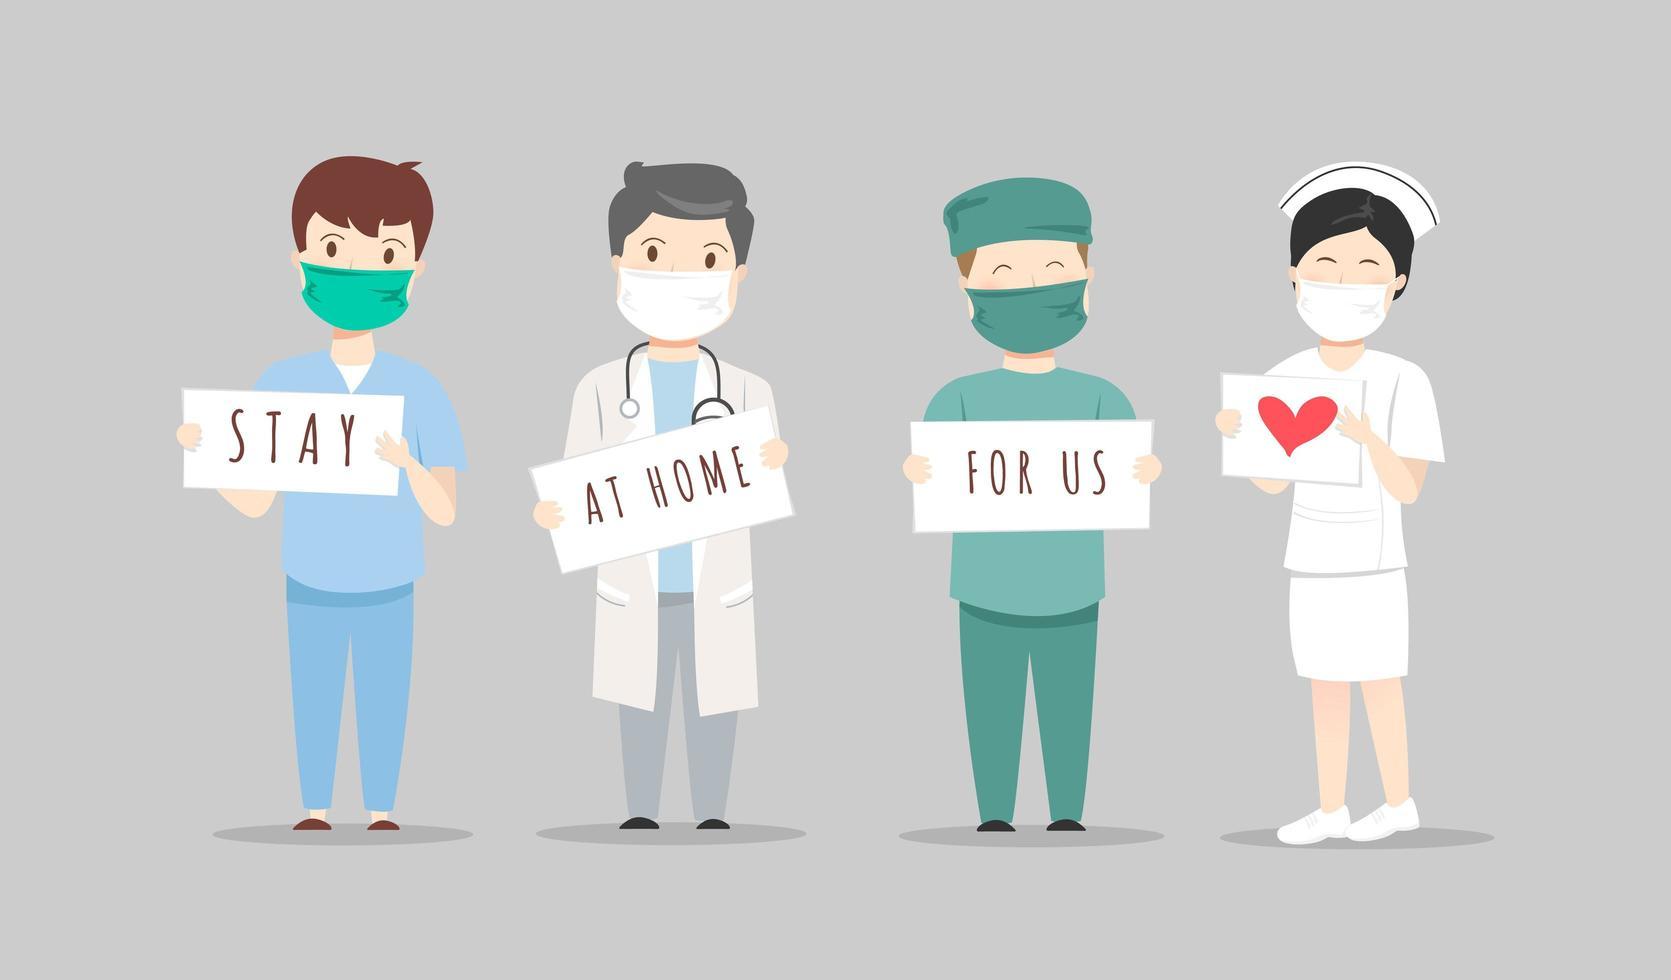 médecins et infirmières avec rester à la maison pour nous des signes vecteur